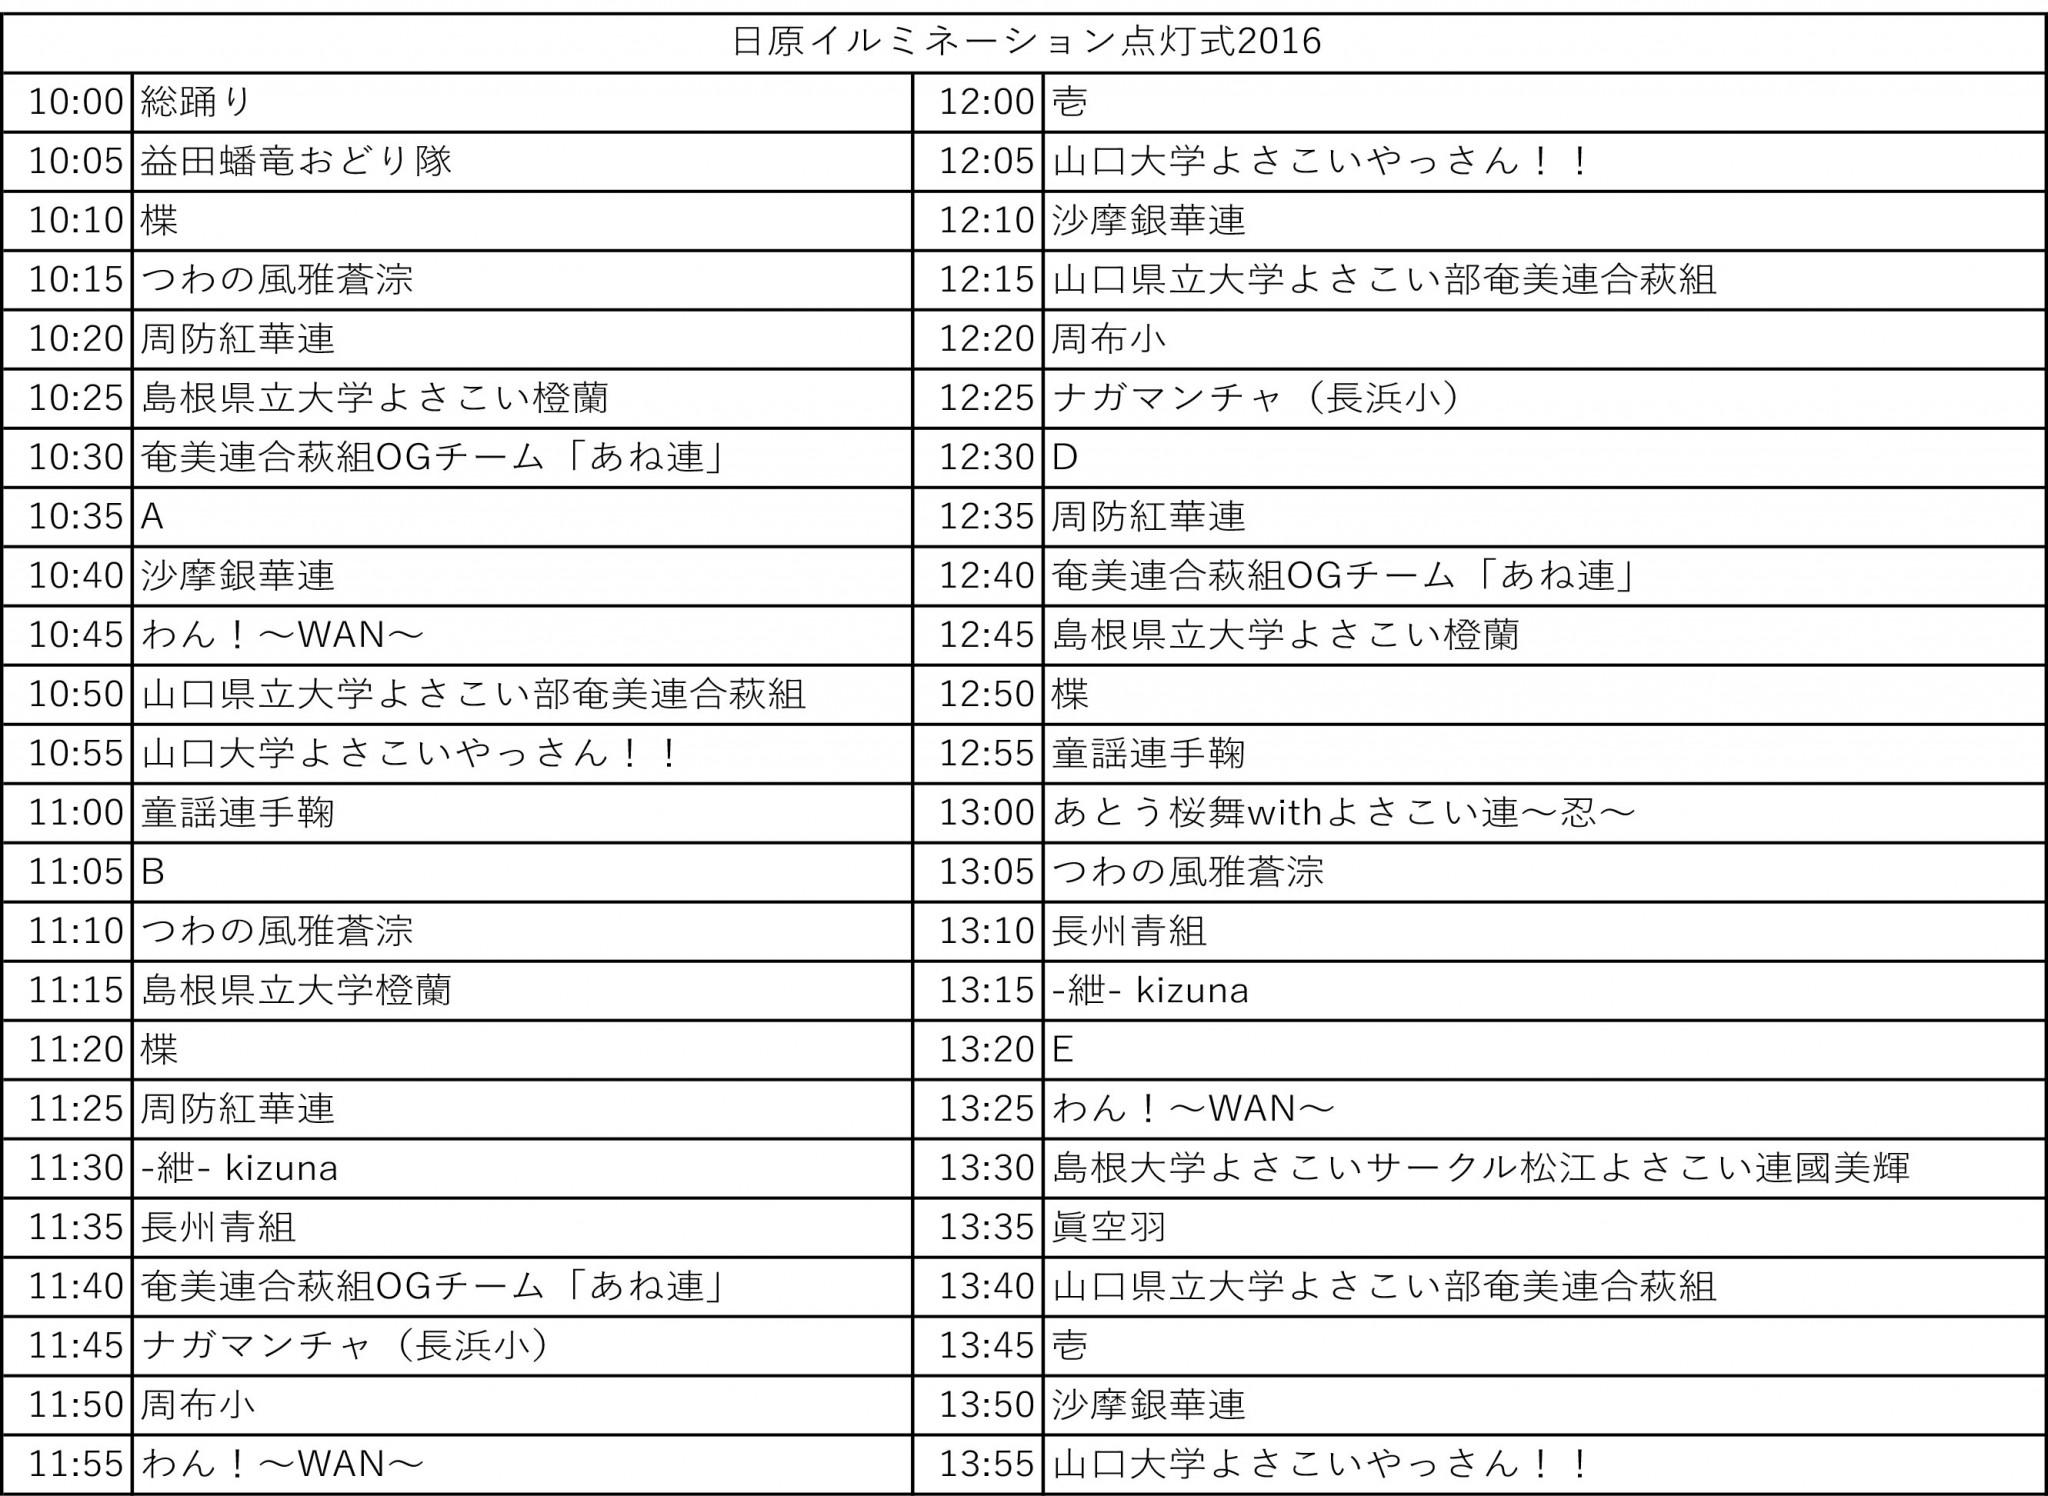 nichihara2016-1